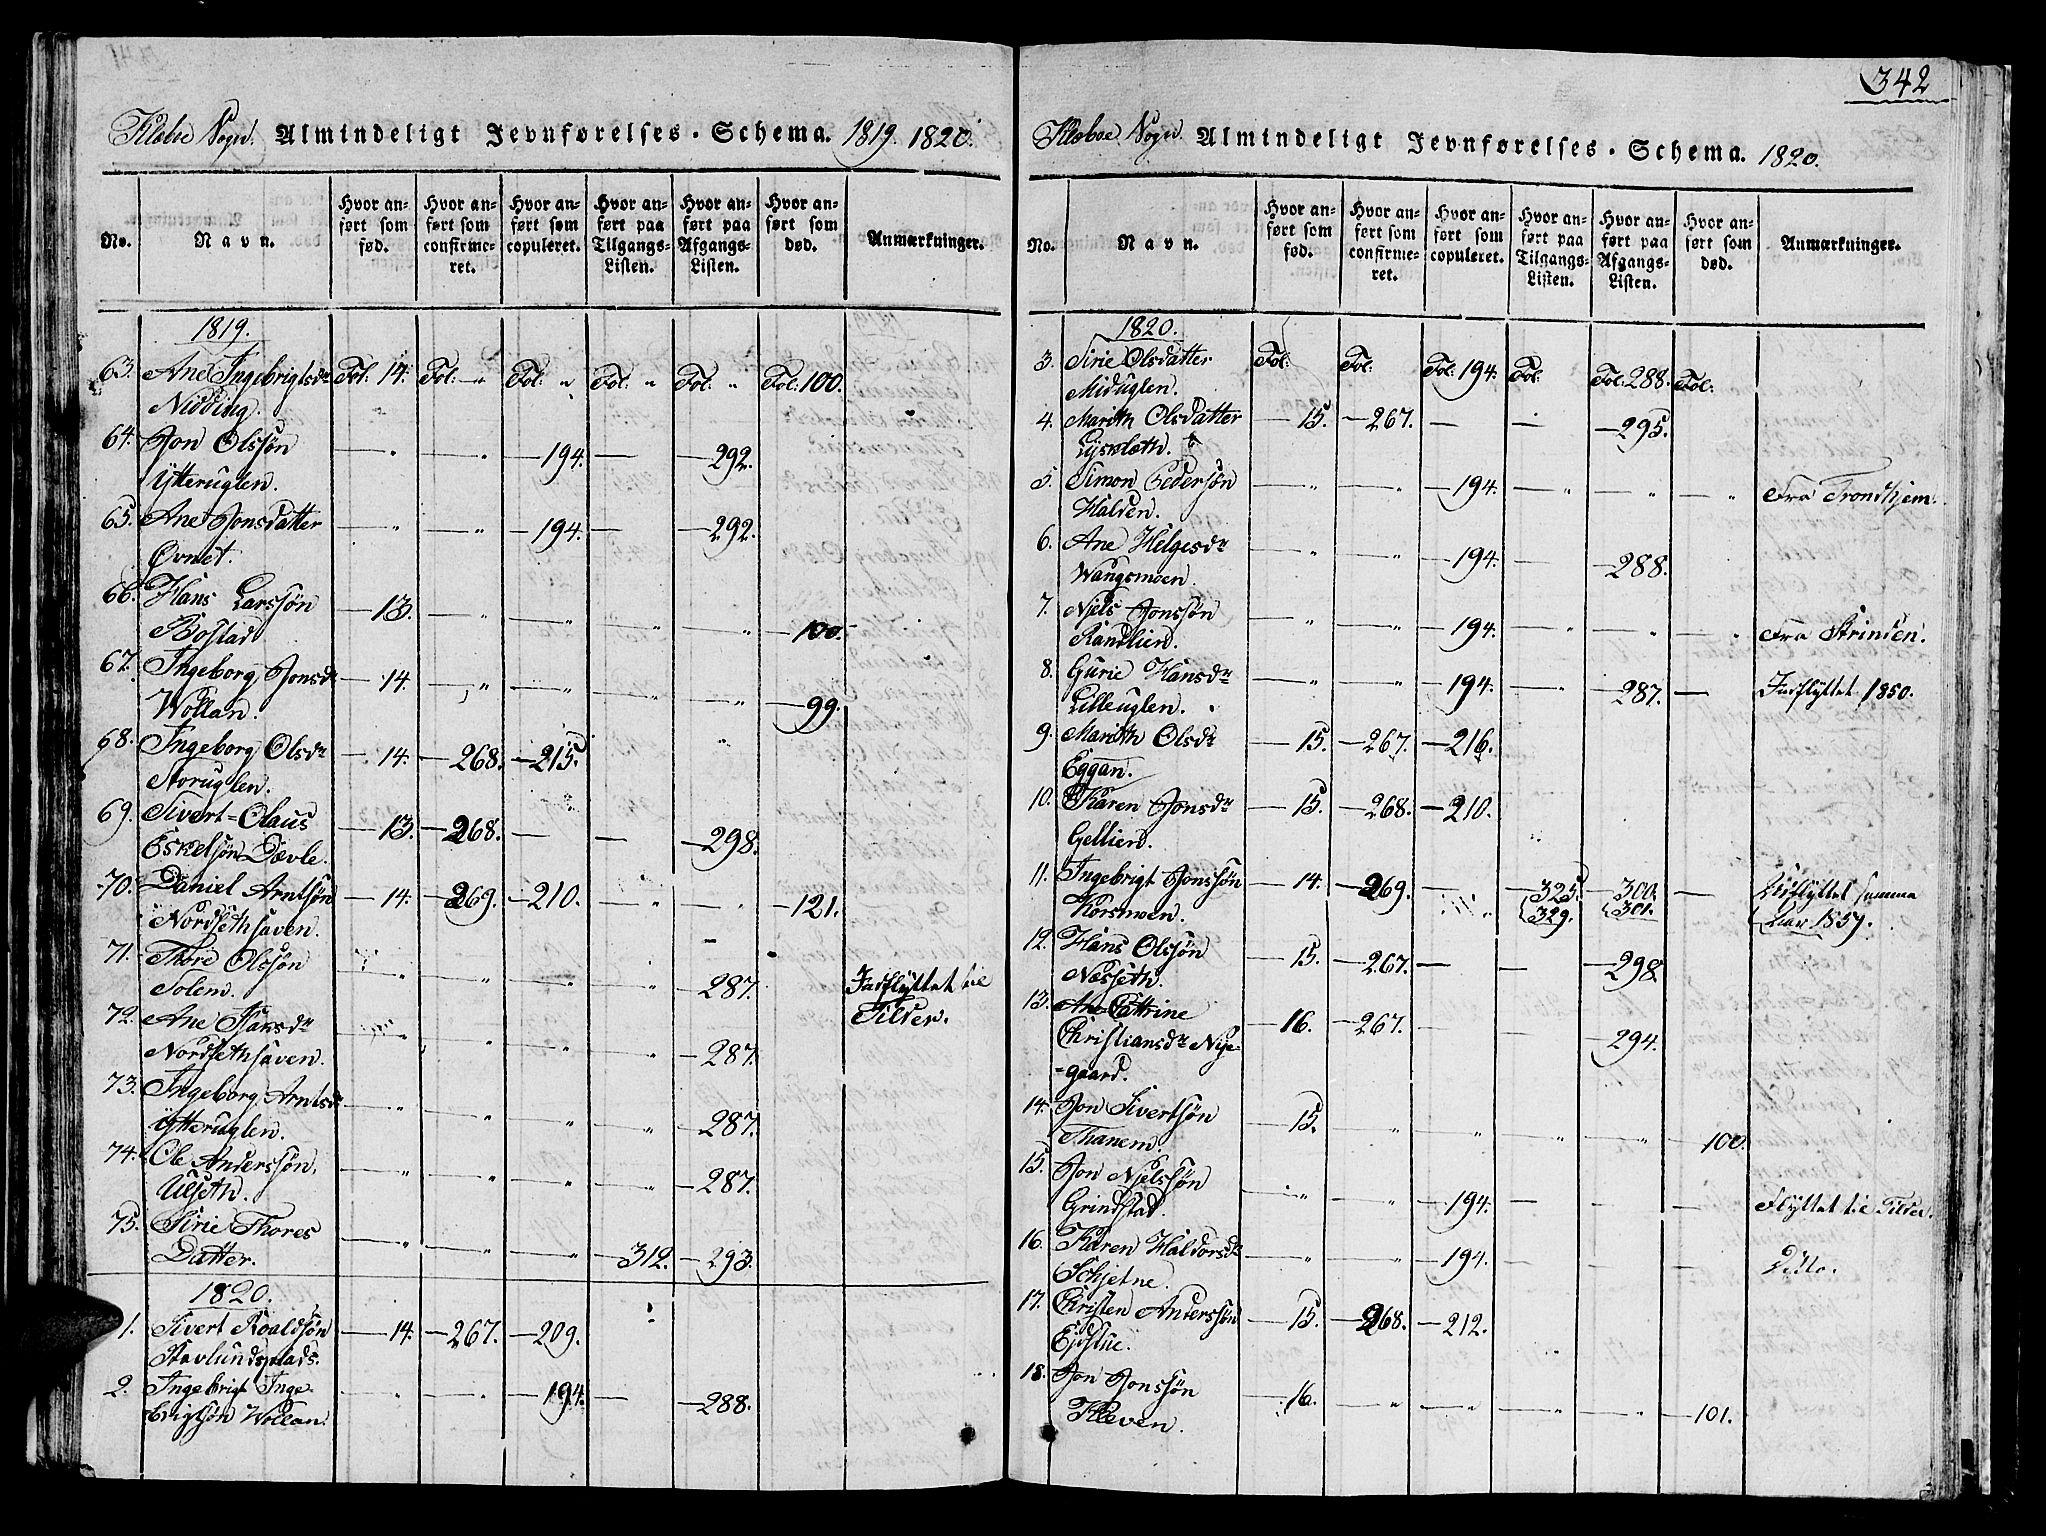 SAT, Ministerialprotokoller, klokkerbøker og fødselsregistre - Sør-Trøndelag, 618/L0450: Klokkerbok nr. 618C01, 1816-1865, s. 342